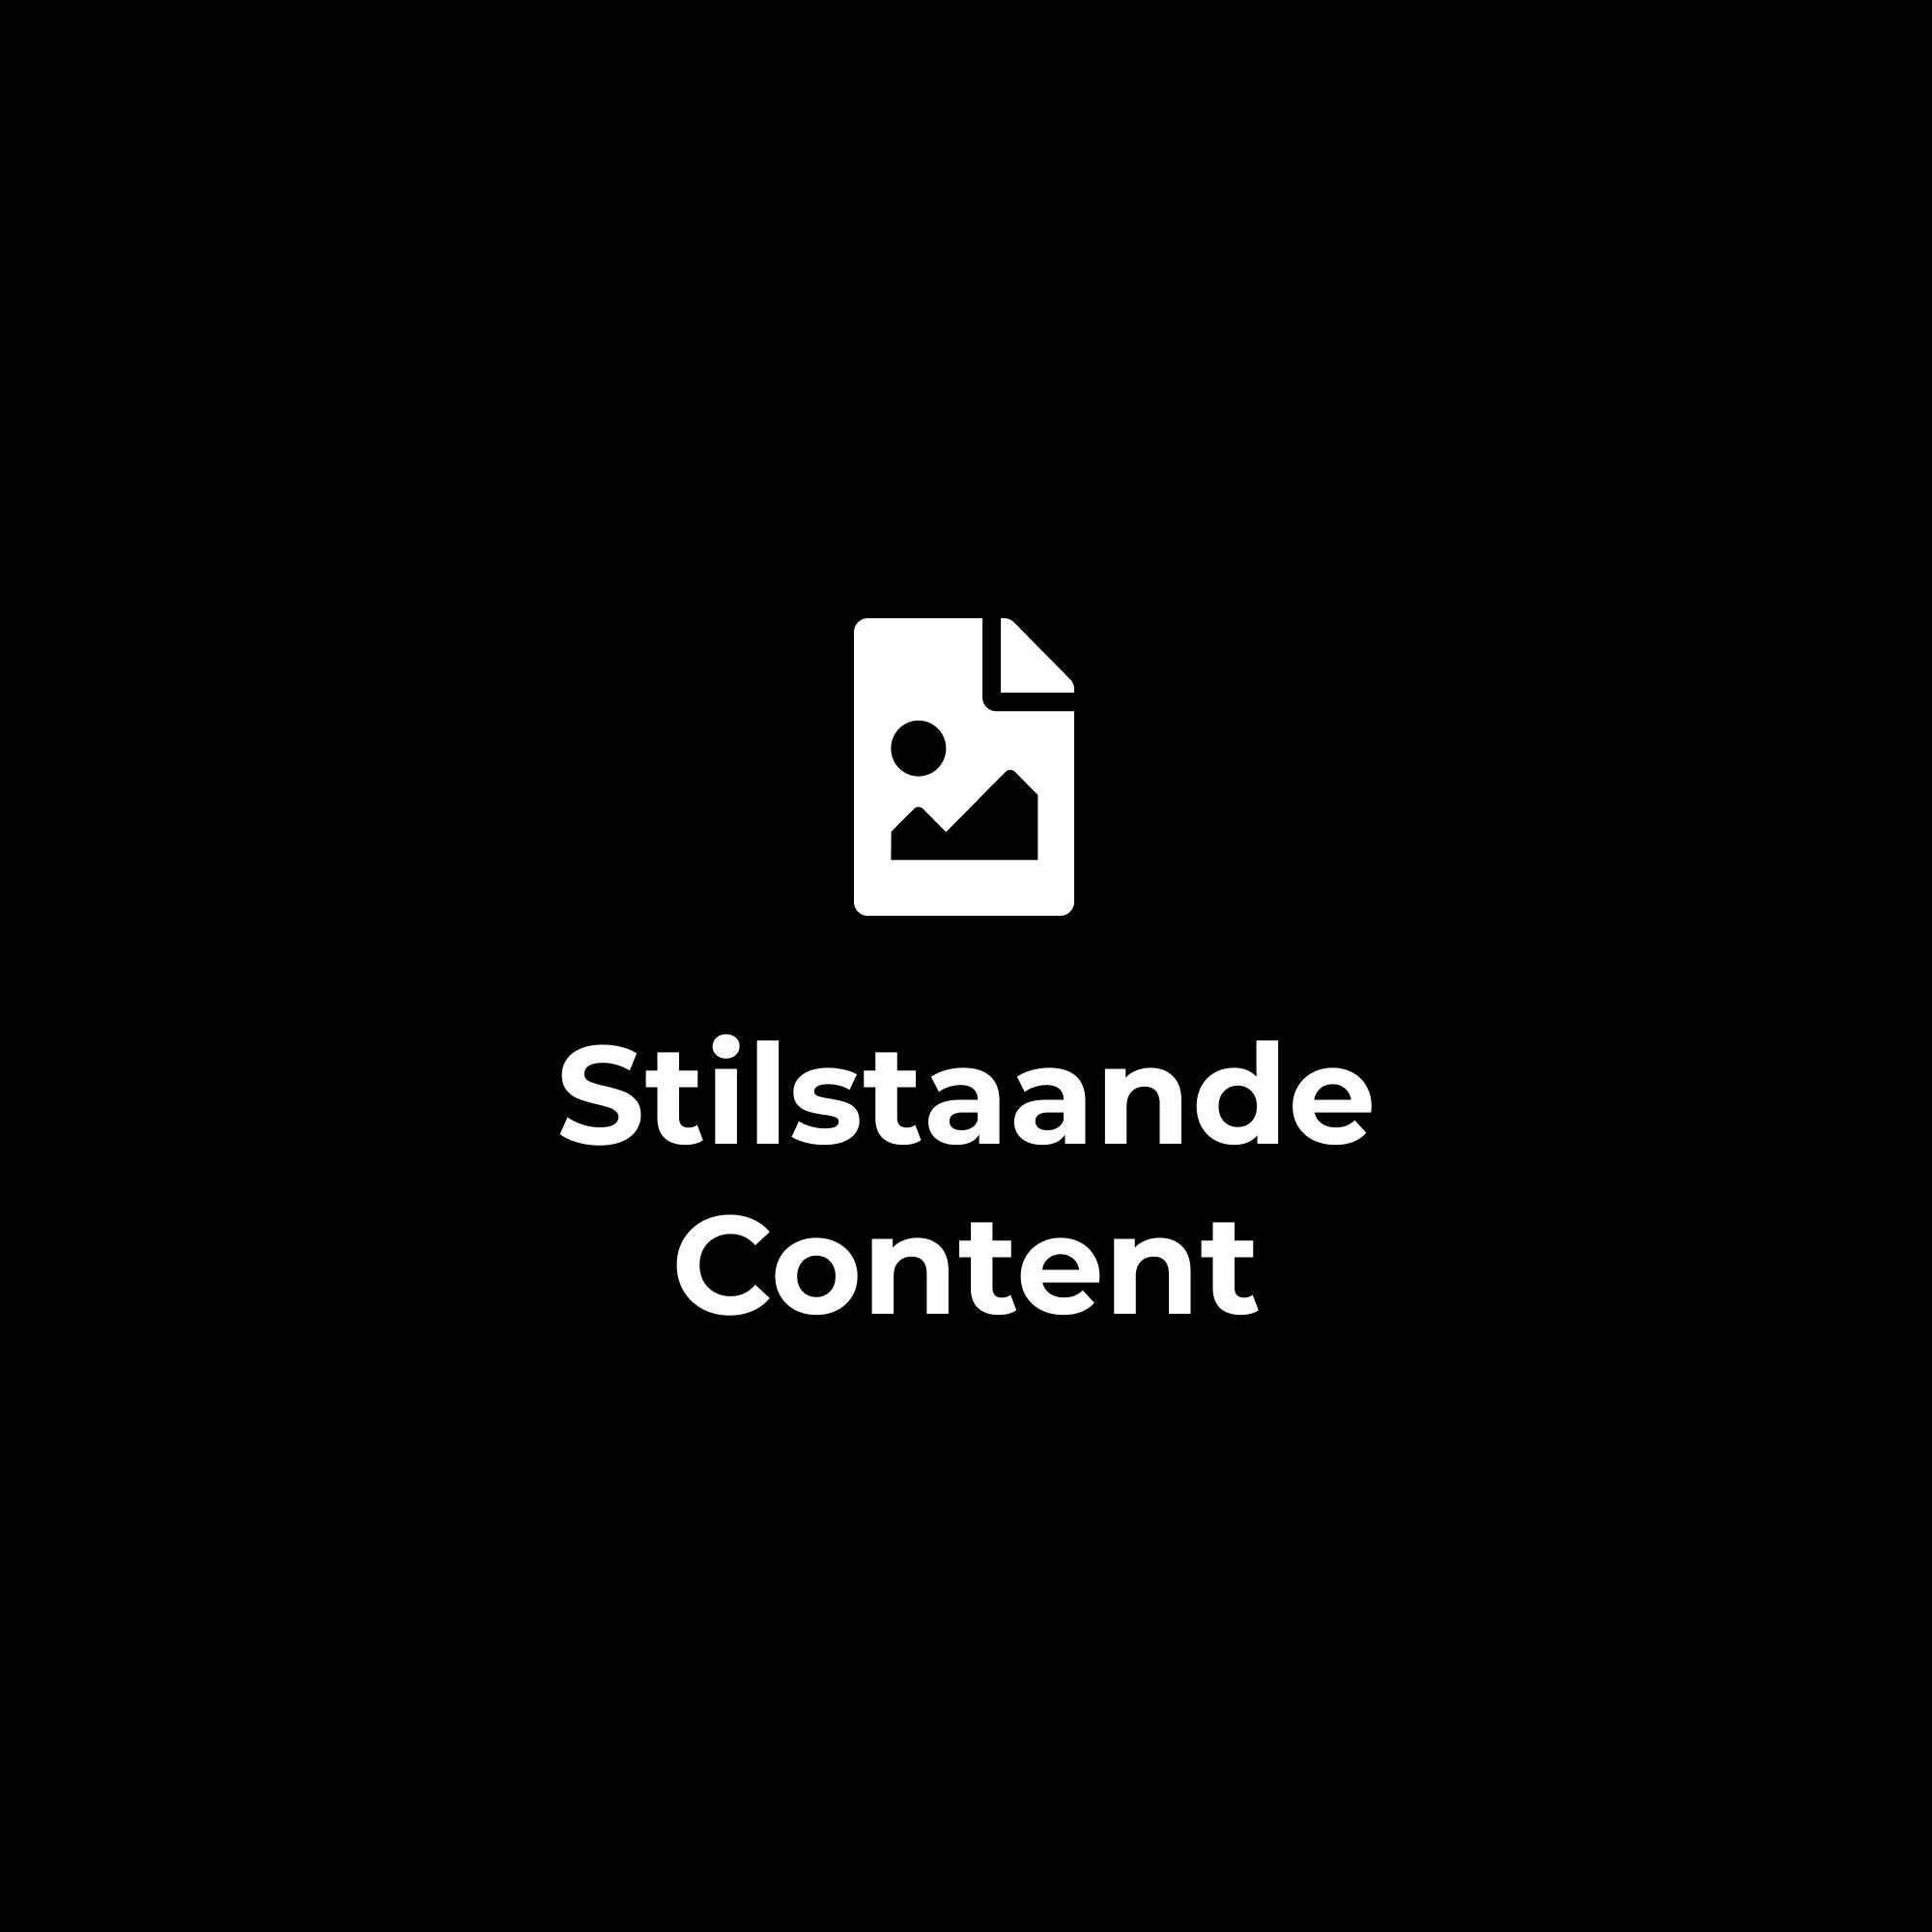 Stilstaande Content